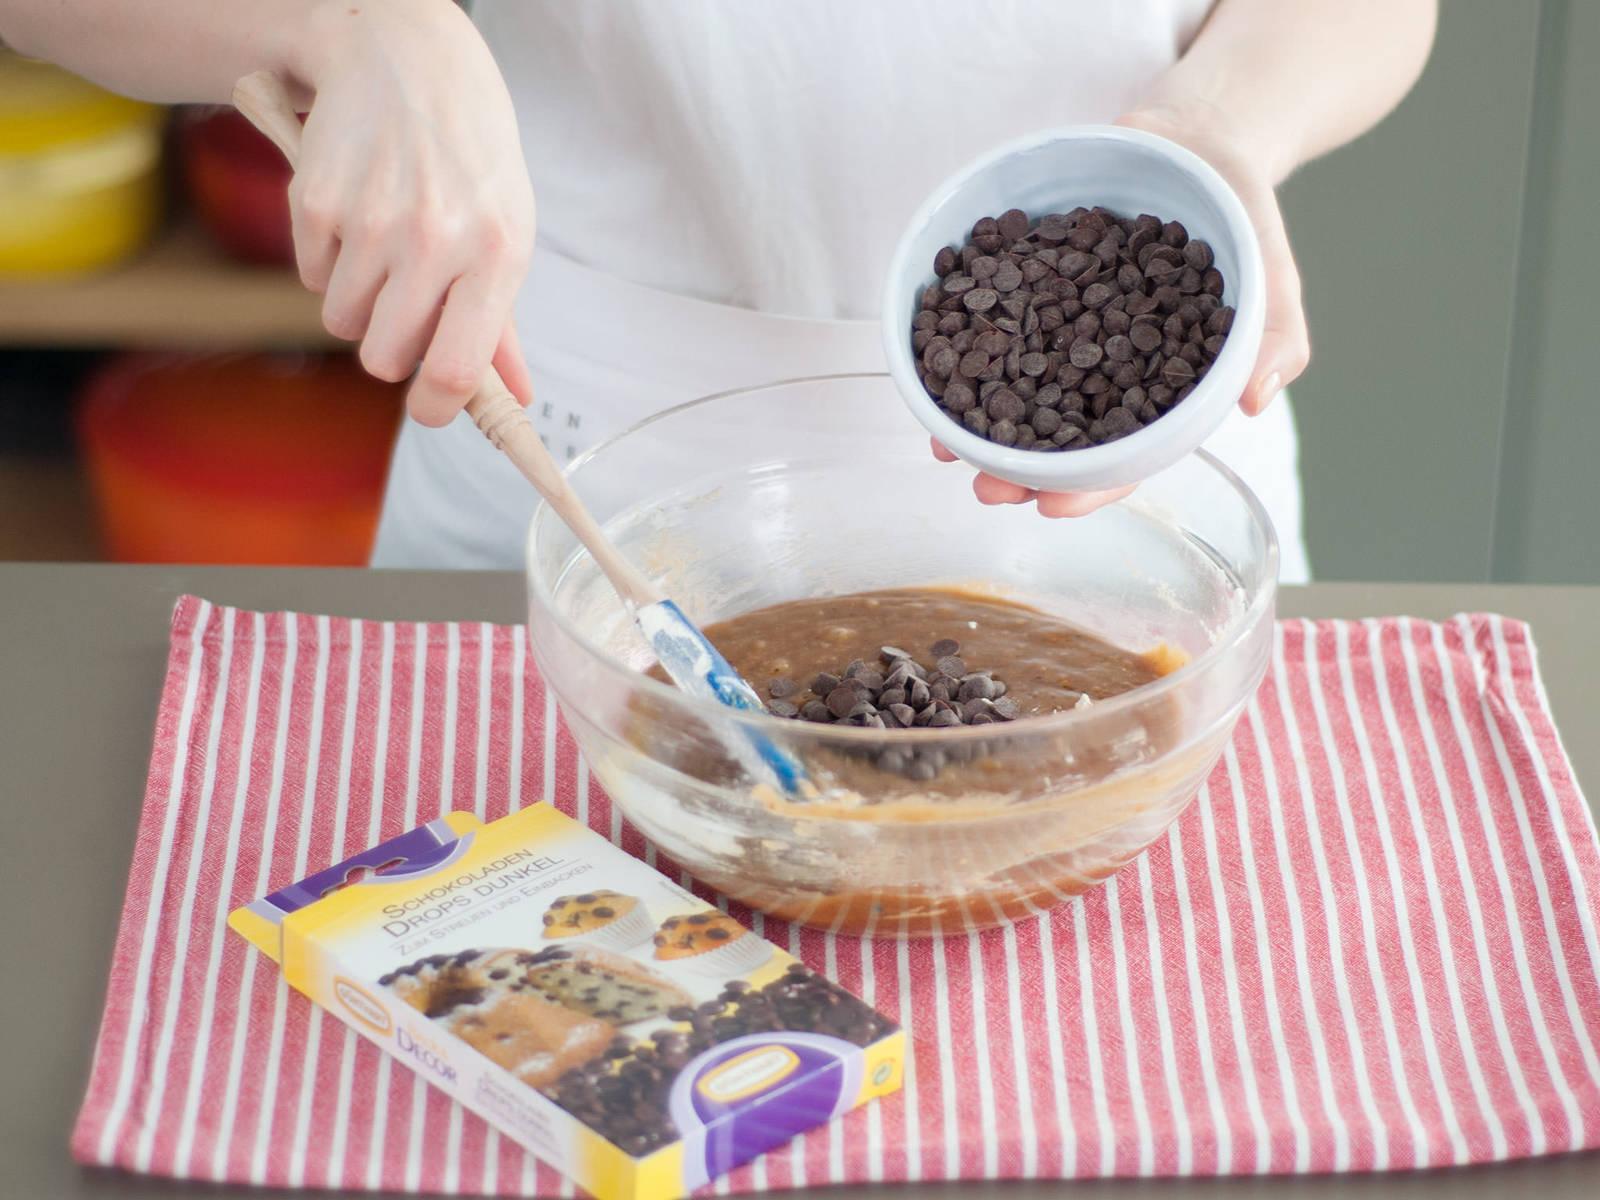 剁碎巧克力,拌入面糊,也可用现成的巧克力豆。拌匀。